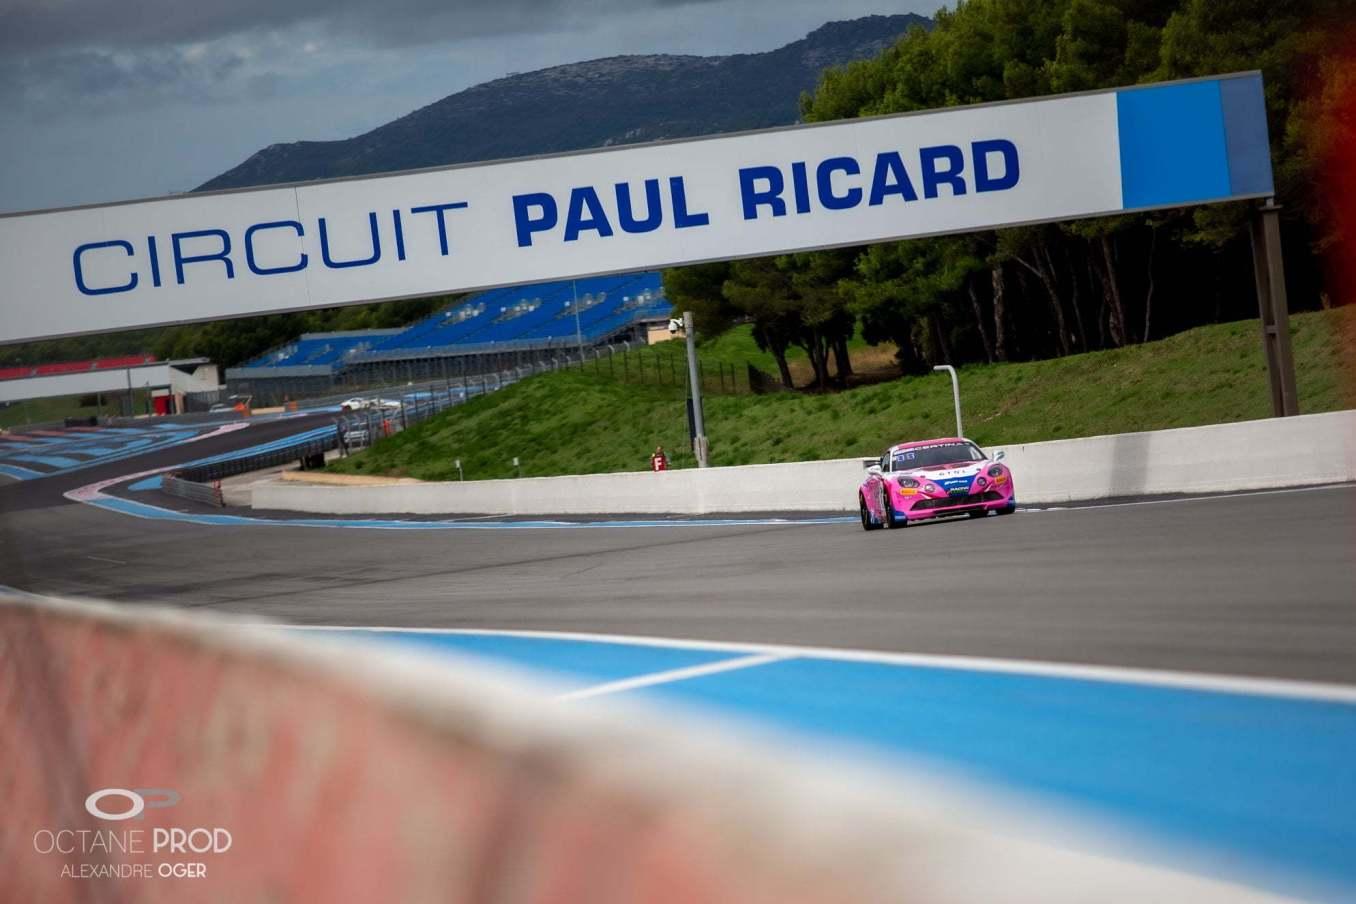 Alpine A110 GT4 FFSA GT Castellet Paul Ricard 2020 8 | Alpine A110 GT4 : Première victoire de Mirage Racing au Castellet en FFSA GT 2020